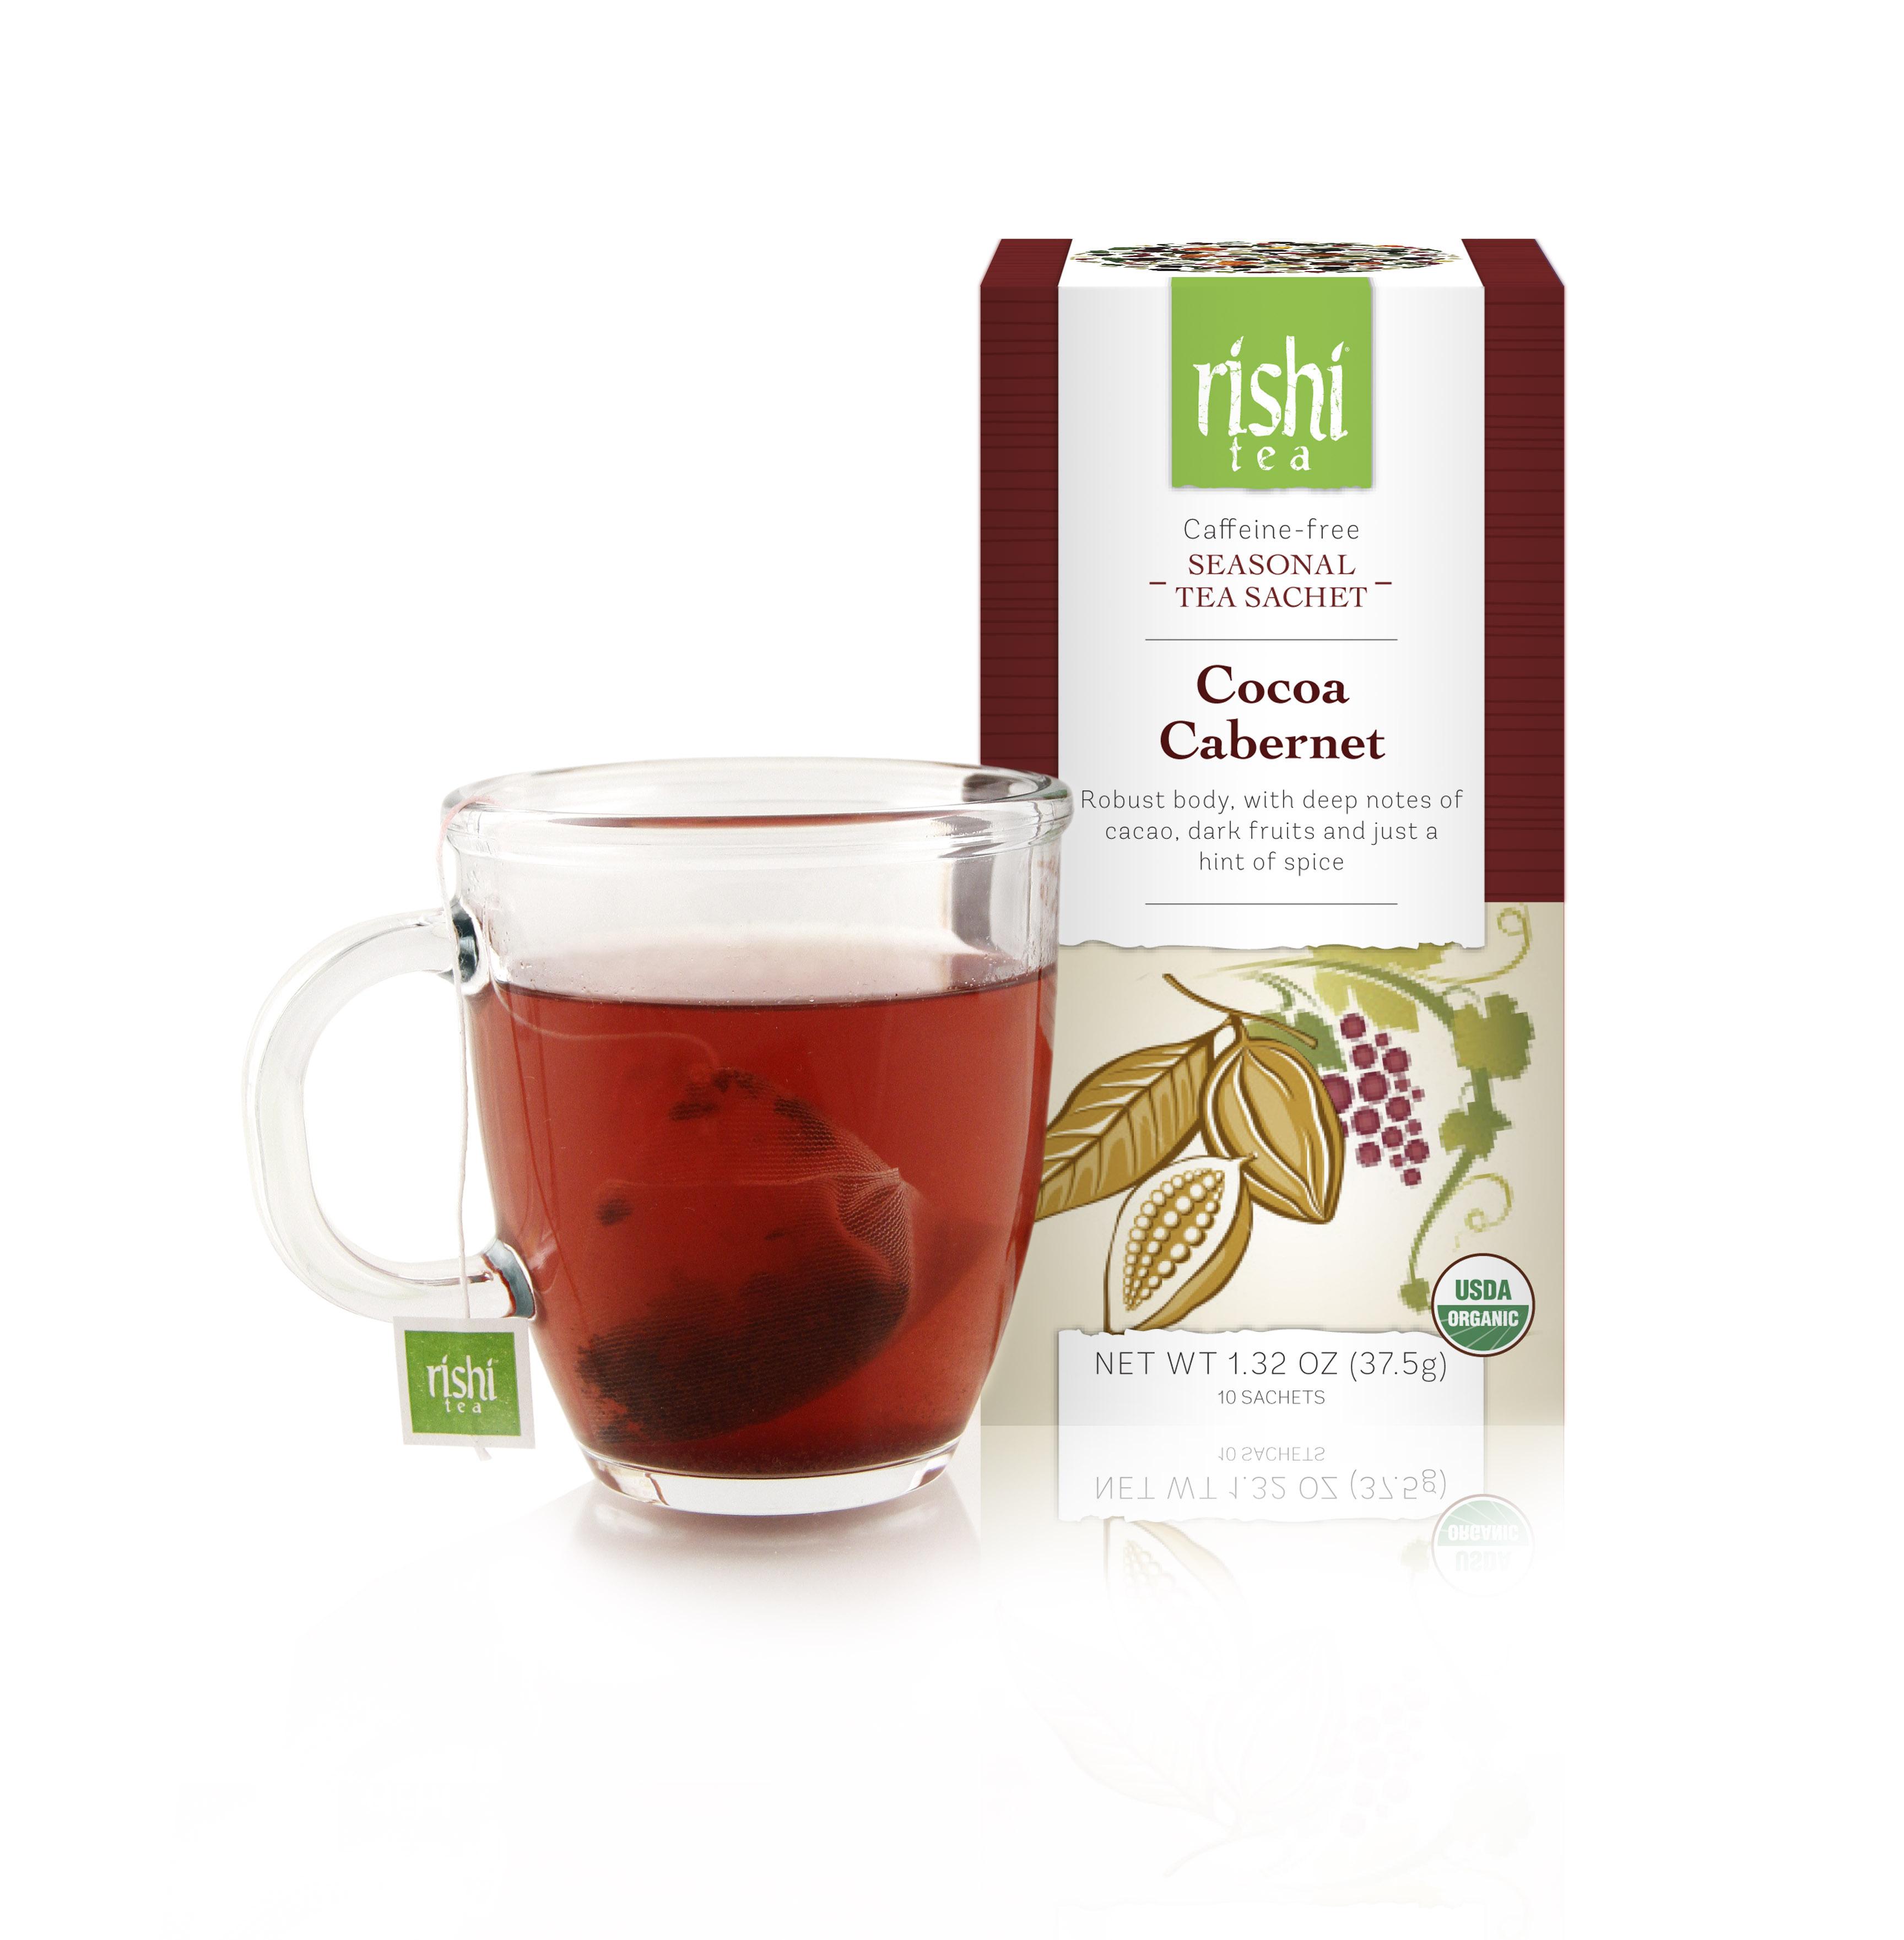 Rish tea